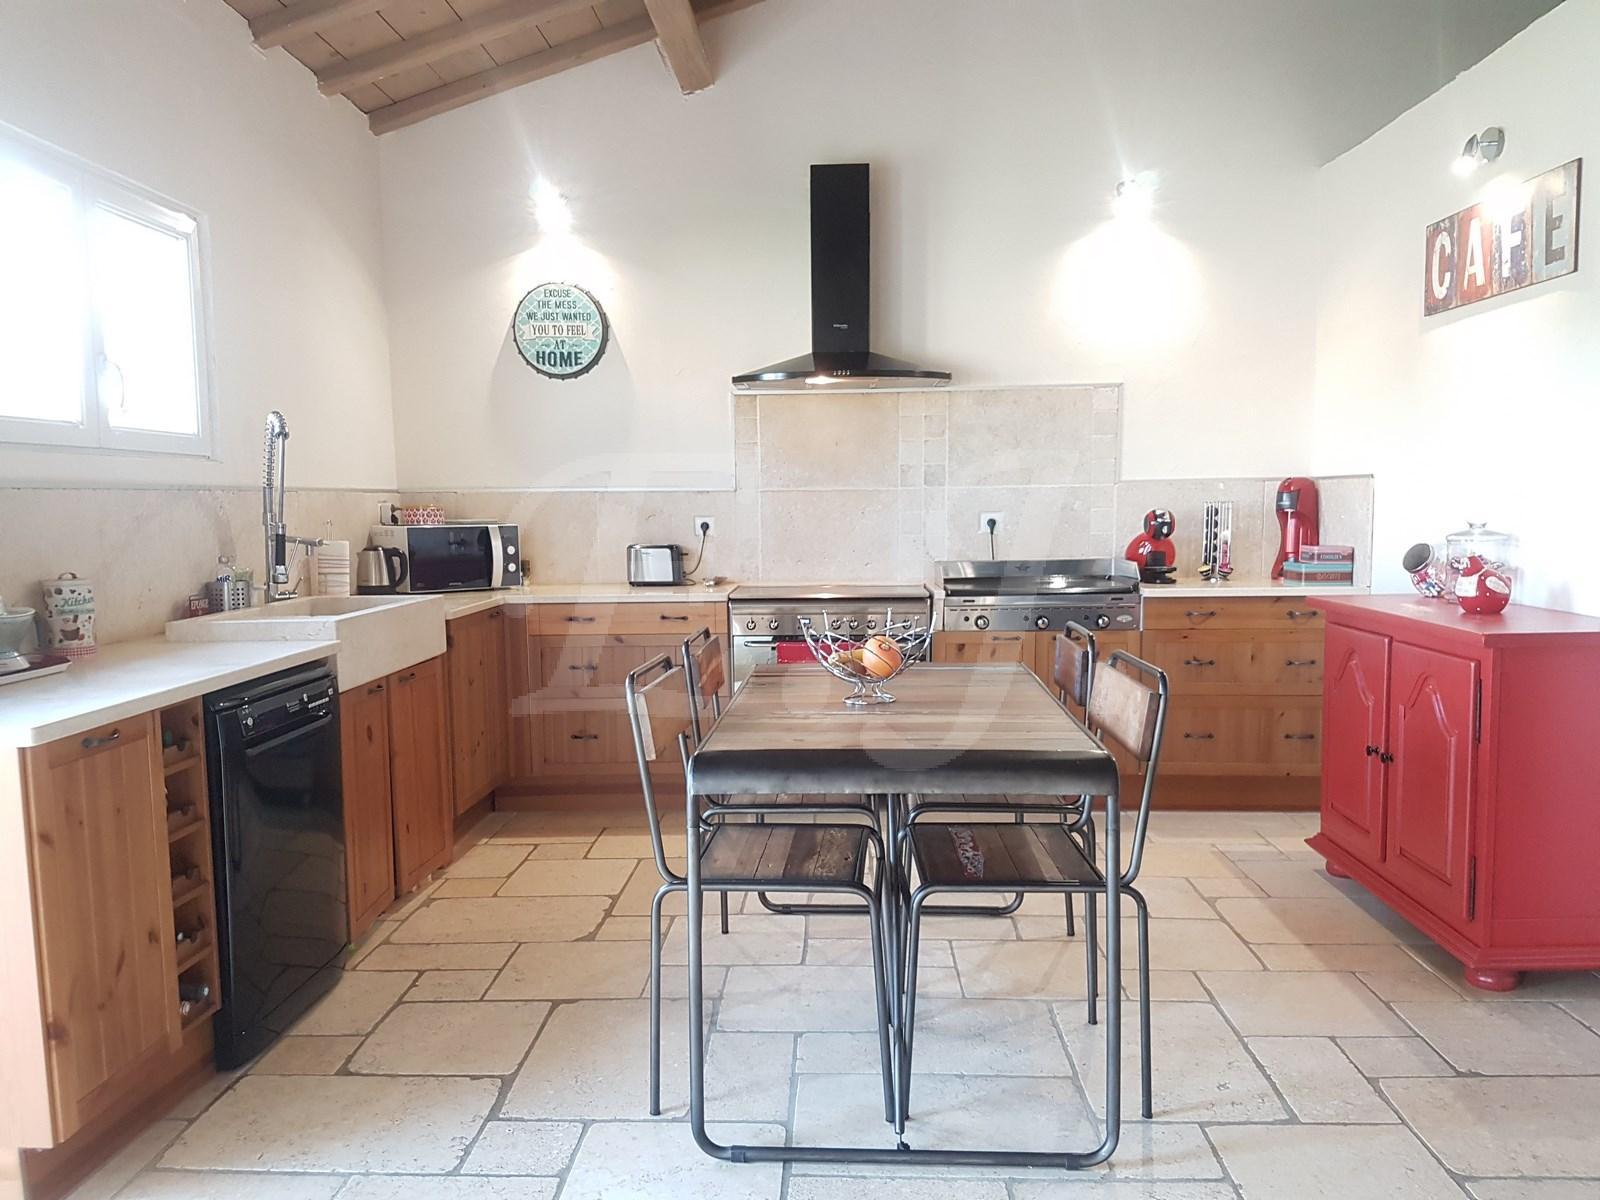 A vendre à Cabrières d'Avignon villa de plain pied 4 chambres piscine et garage